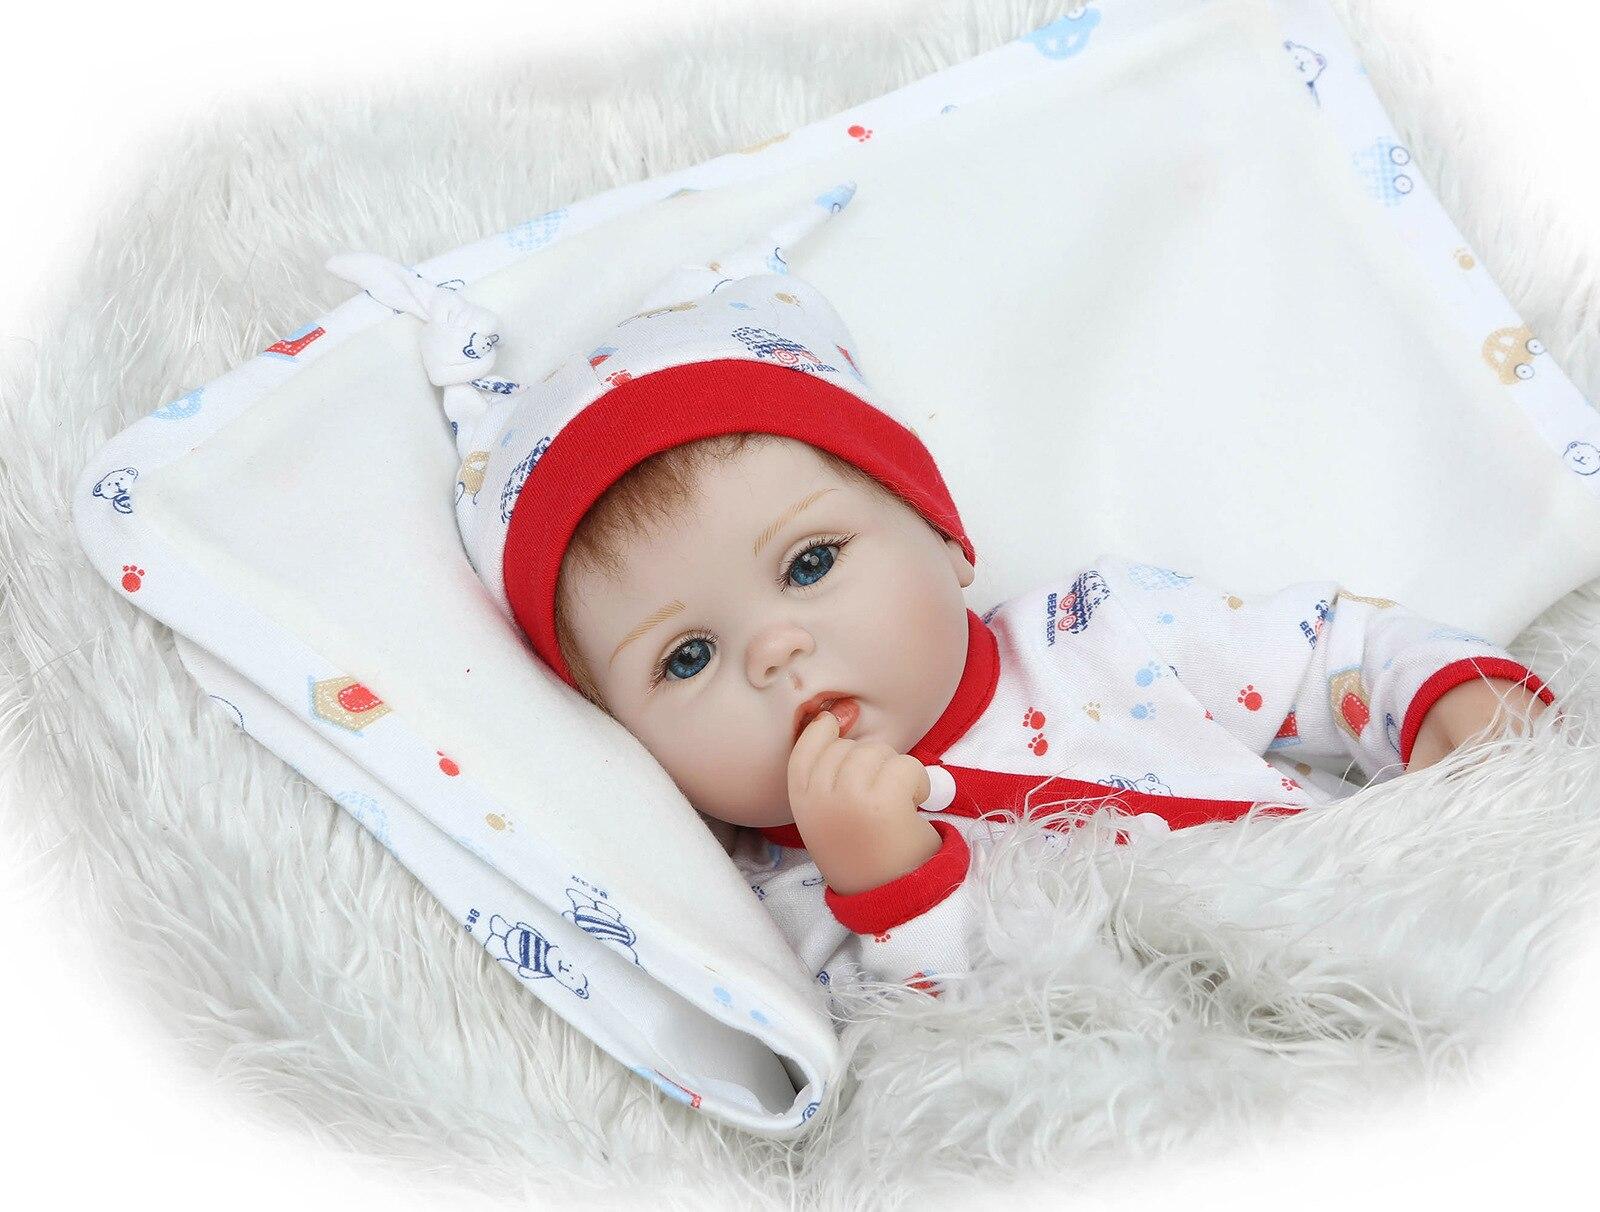 Muñecas de vinilo de silicona suave 40cm bebé renacido hecho a mano - Muñecas y accesorios - foto 6